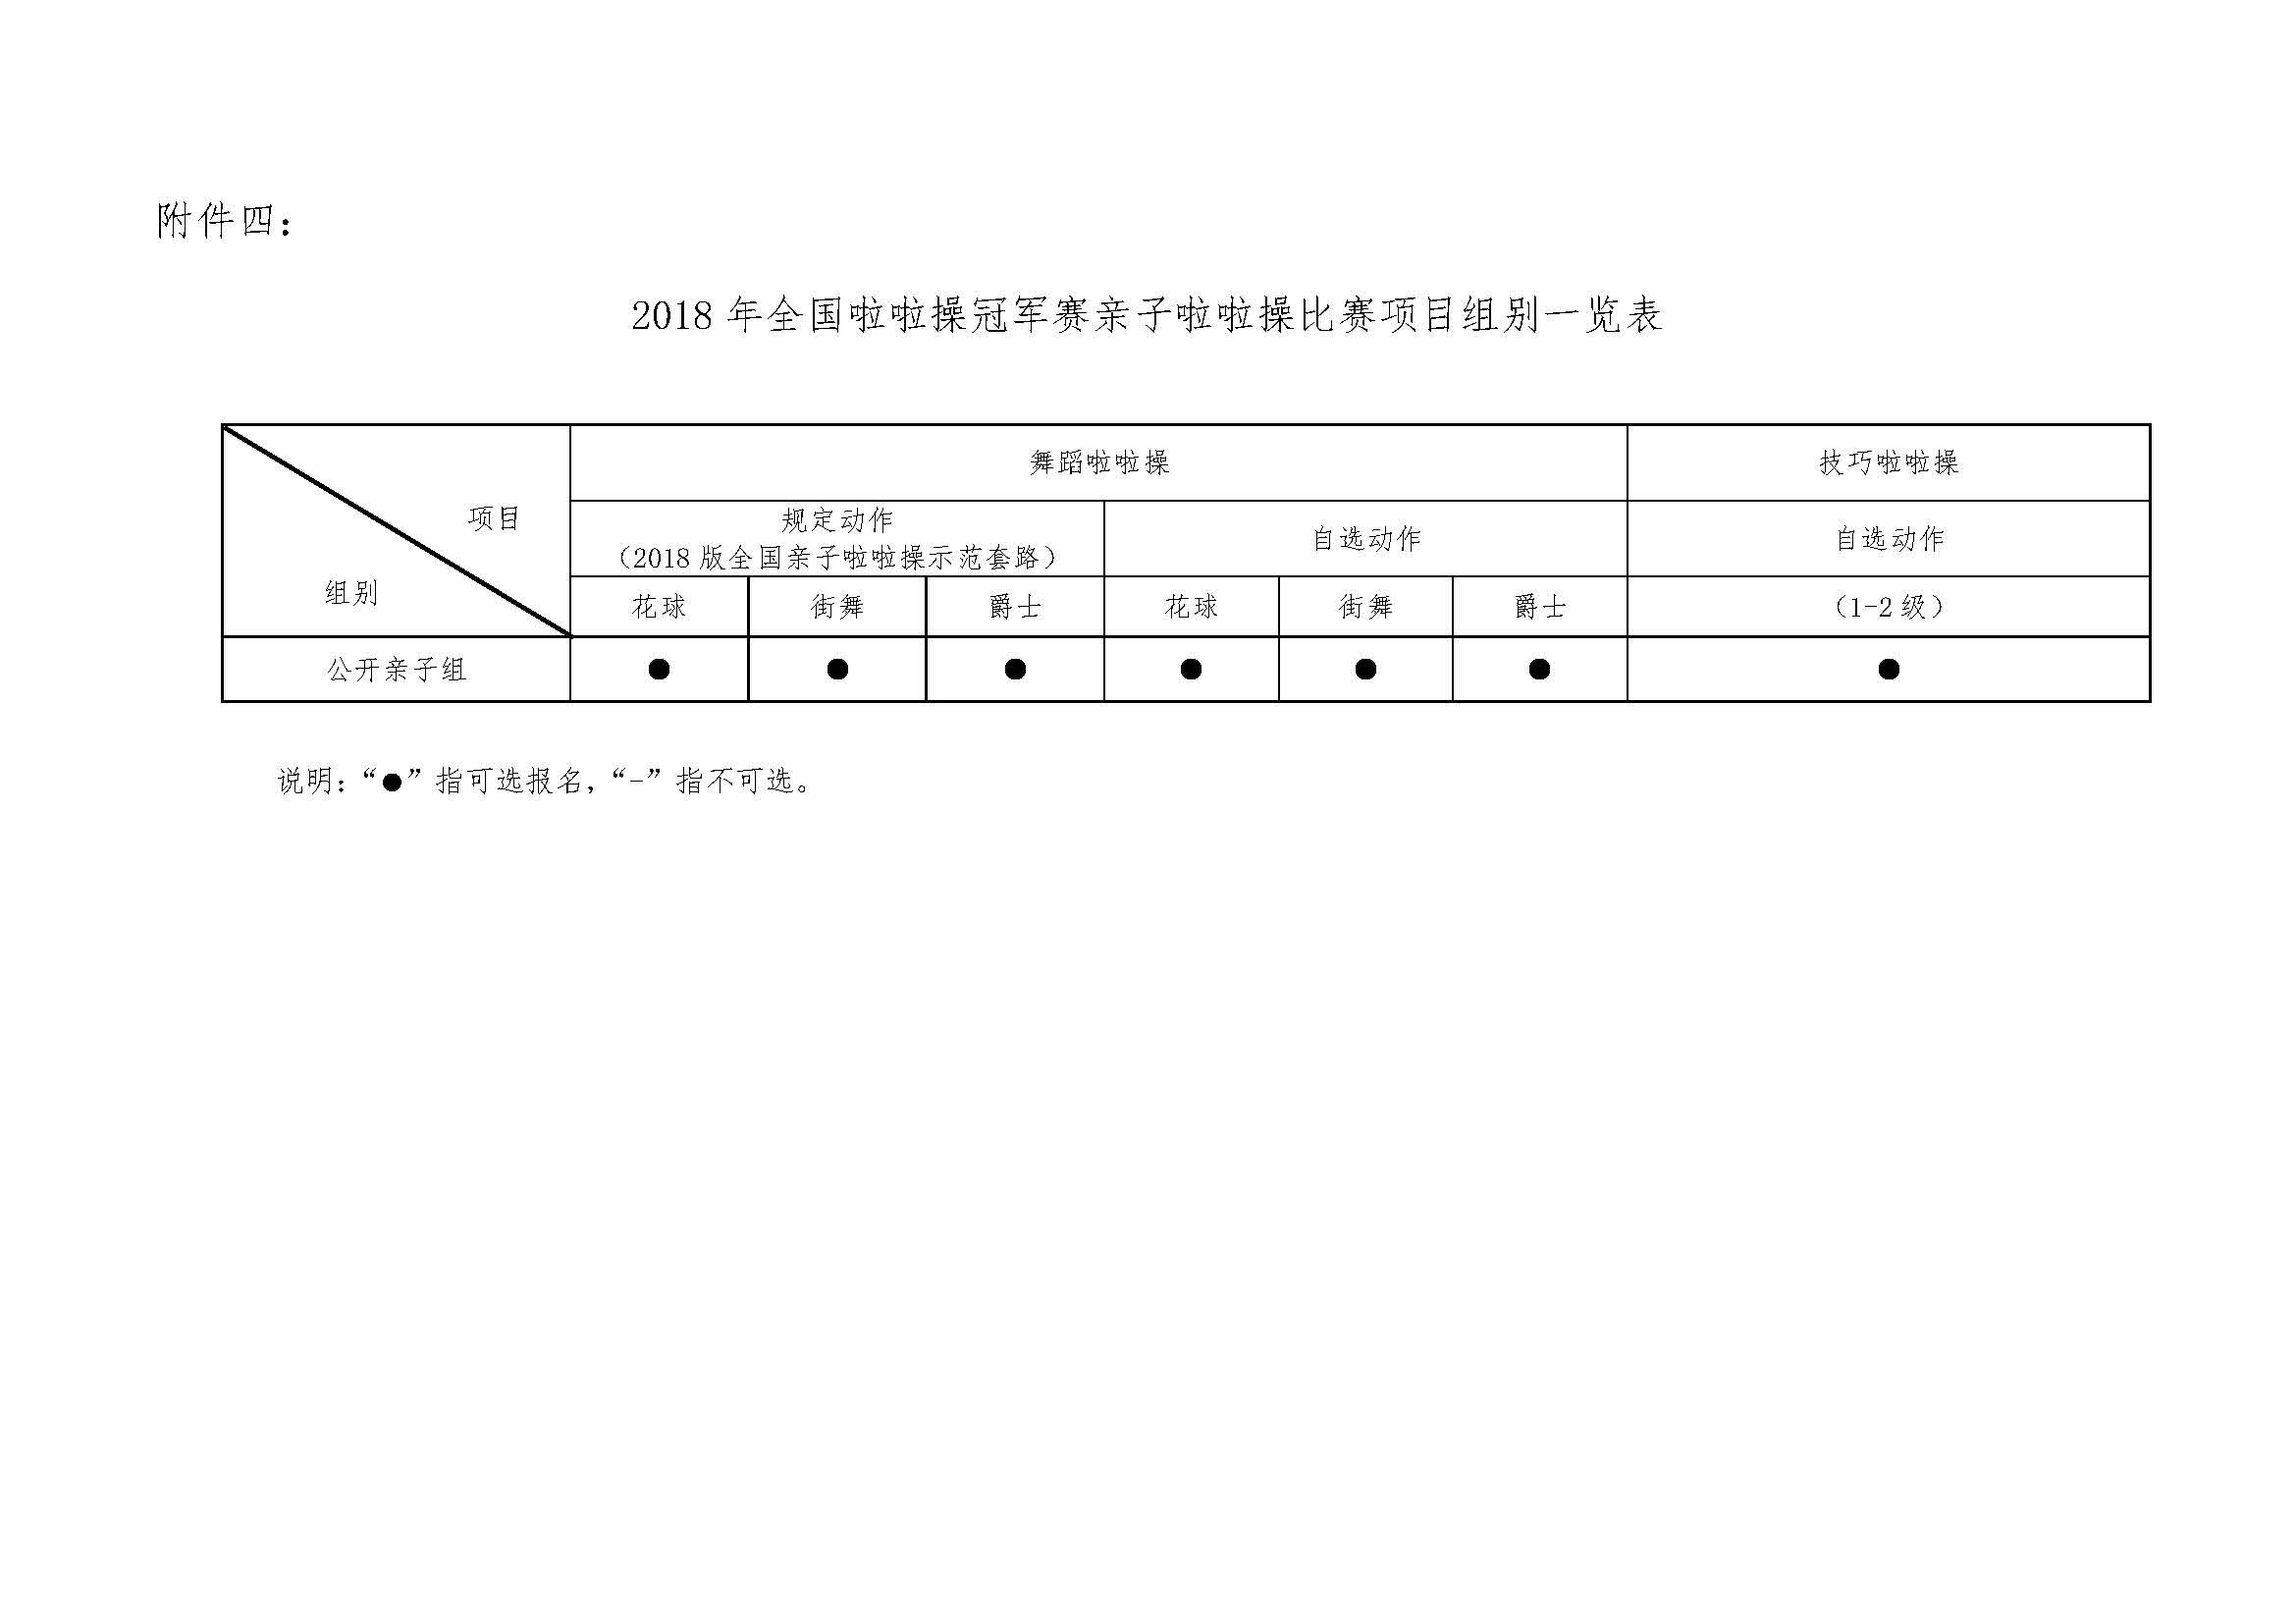 049号-2018年全国啦啦操冠军赛(幼儿组、儿童组和成年组)通知插图(25)